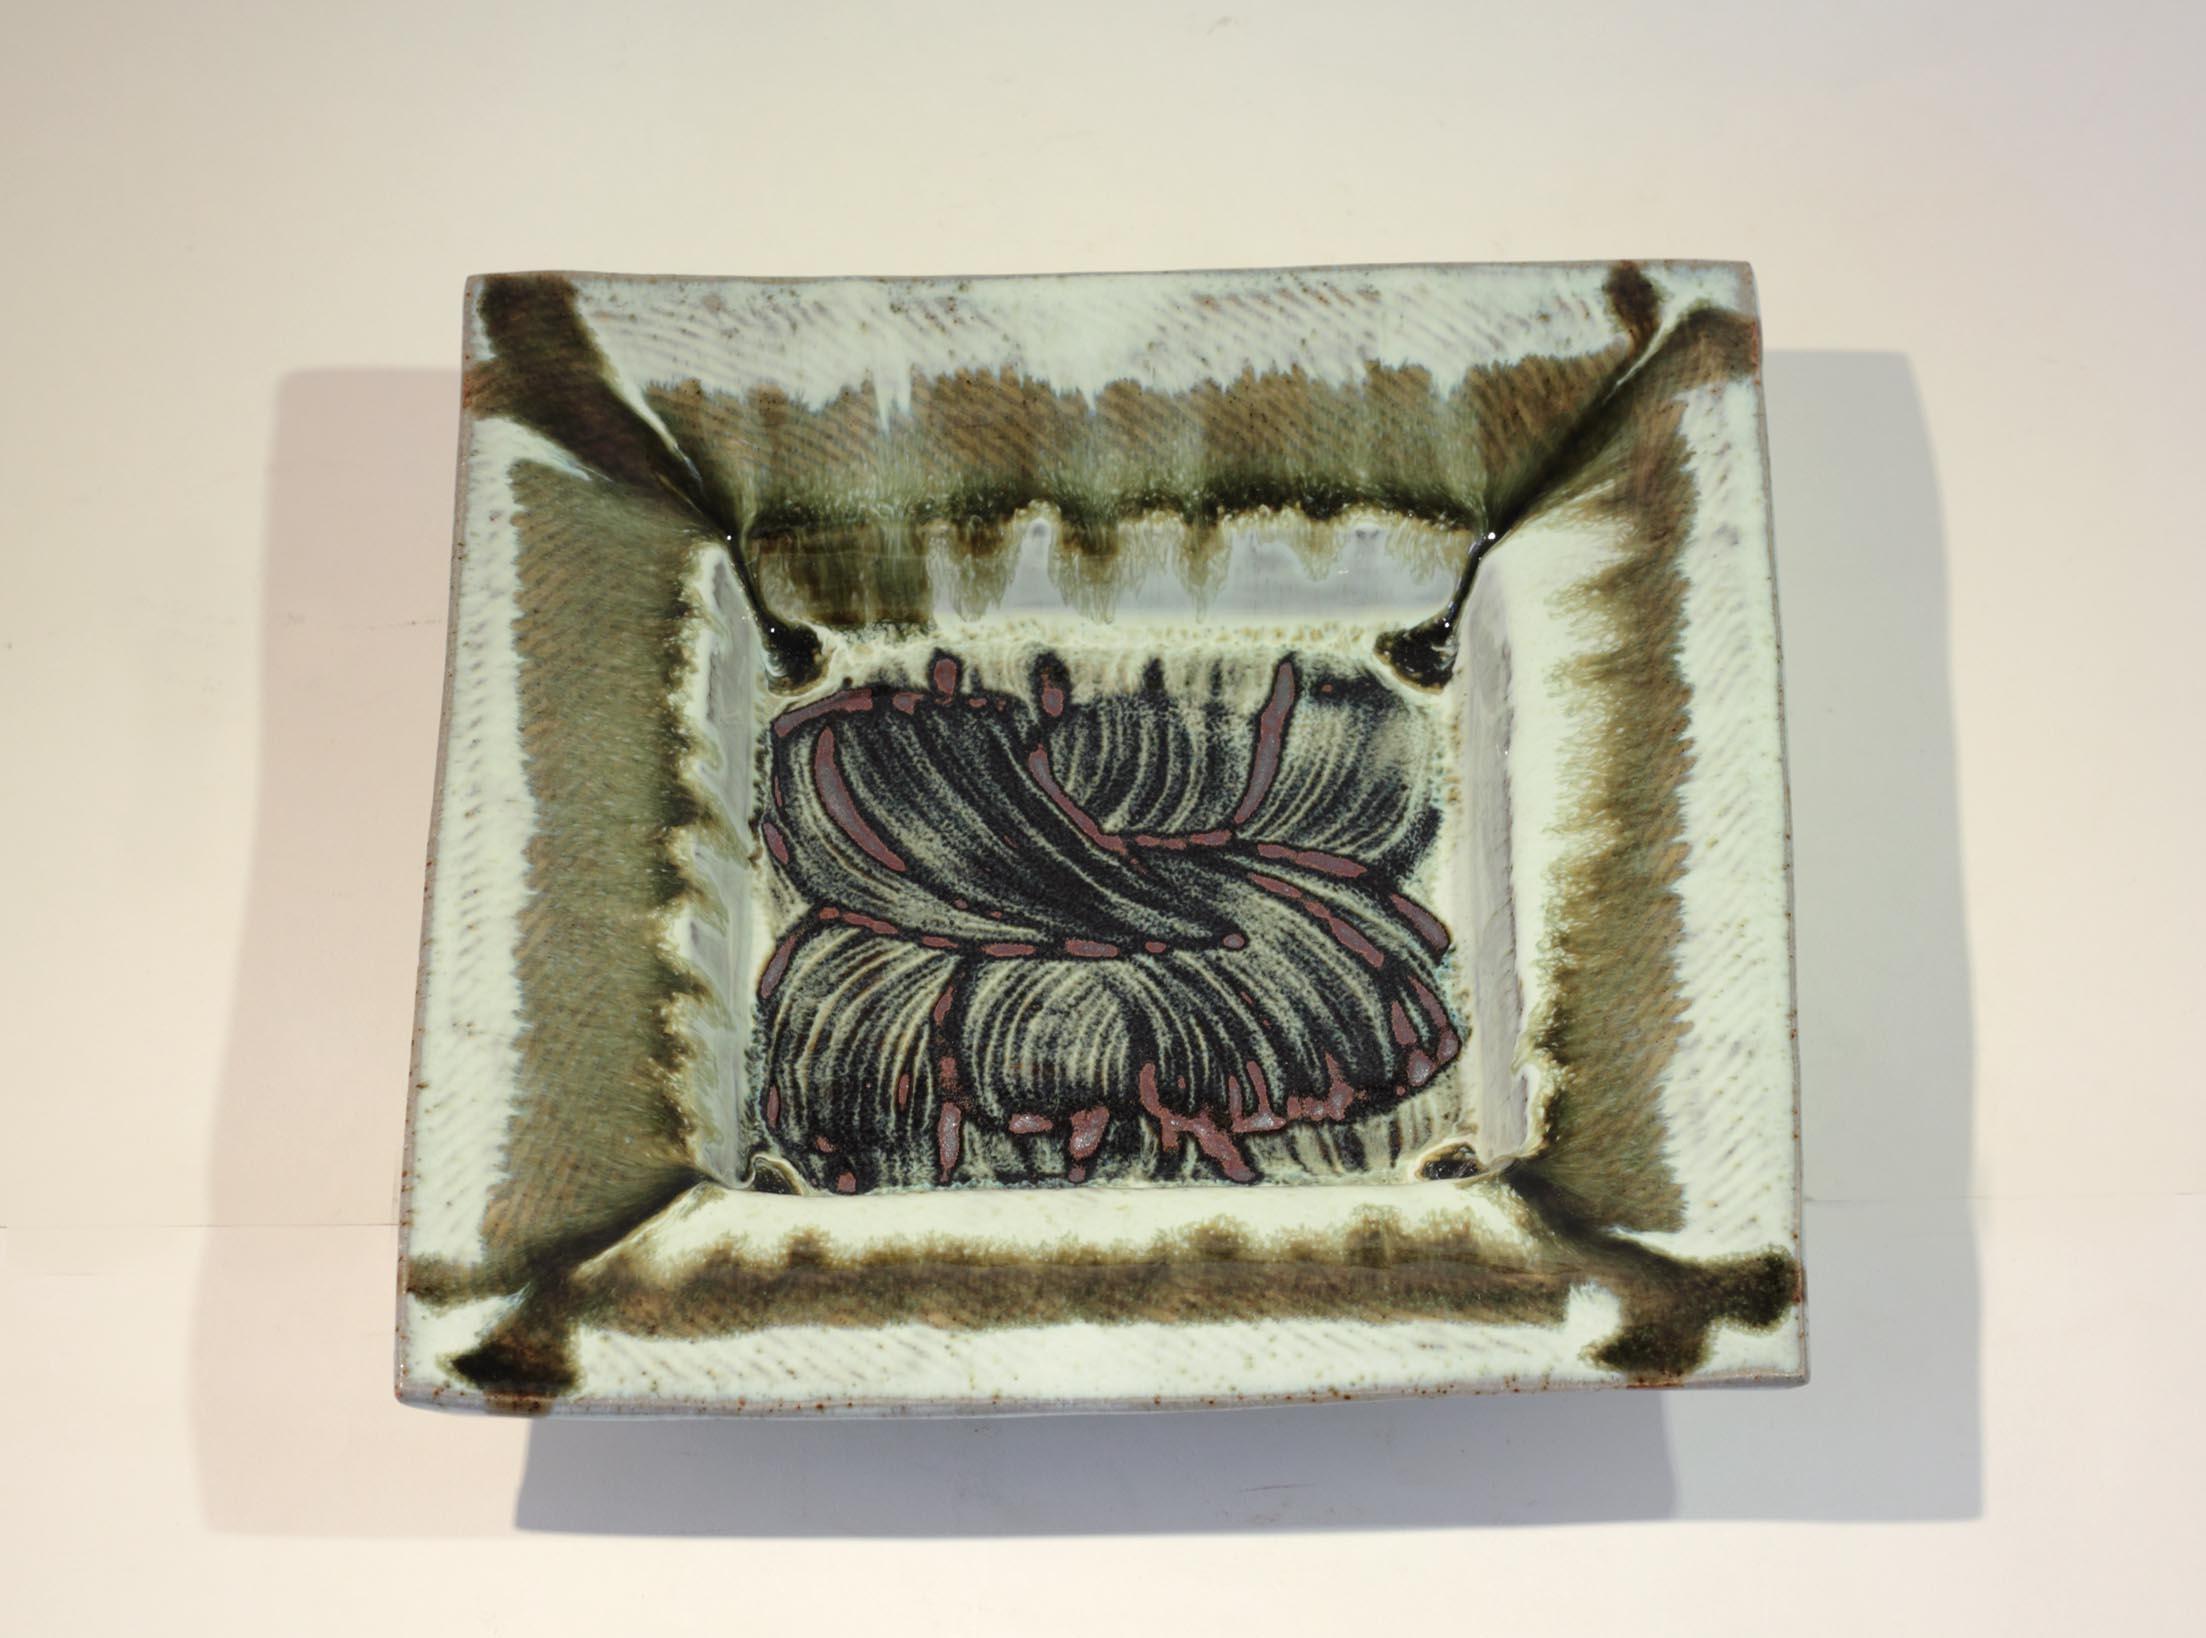 William Plumptre 4. Medium Square Plate, Stoneware 26x26x5cm